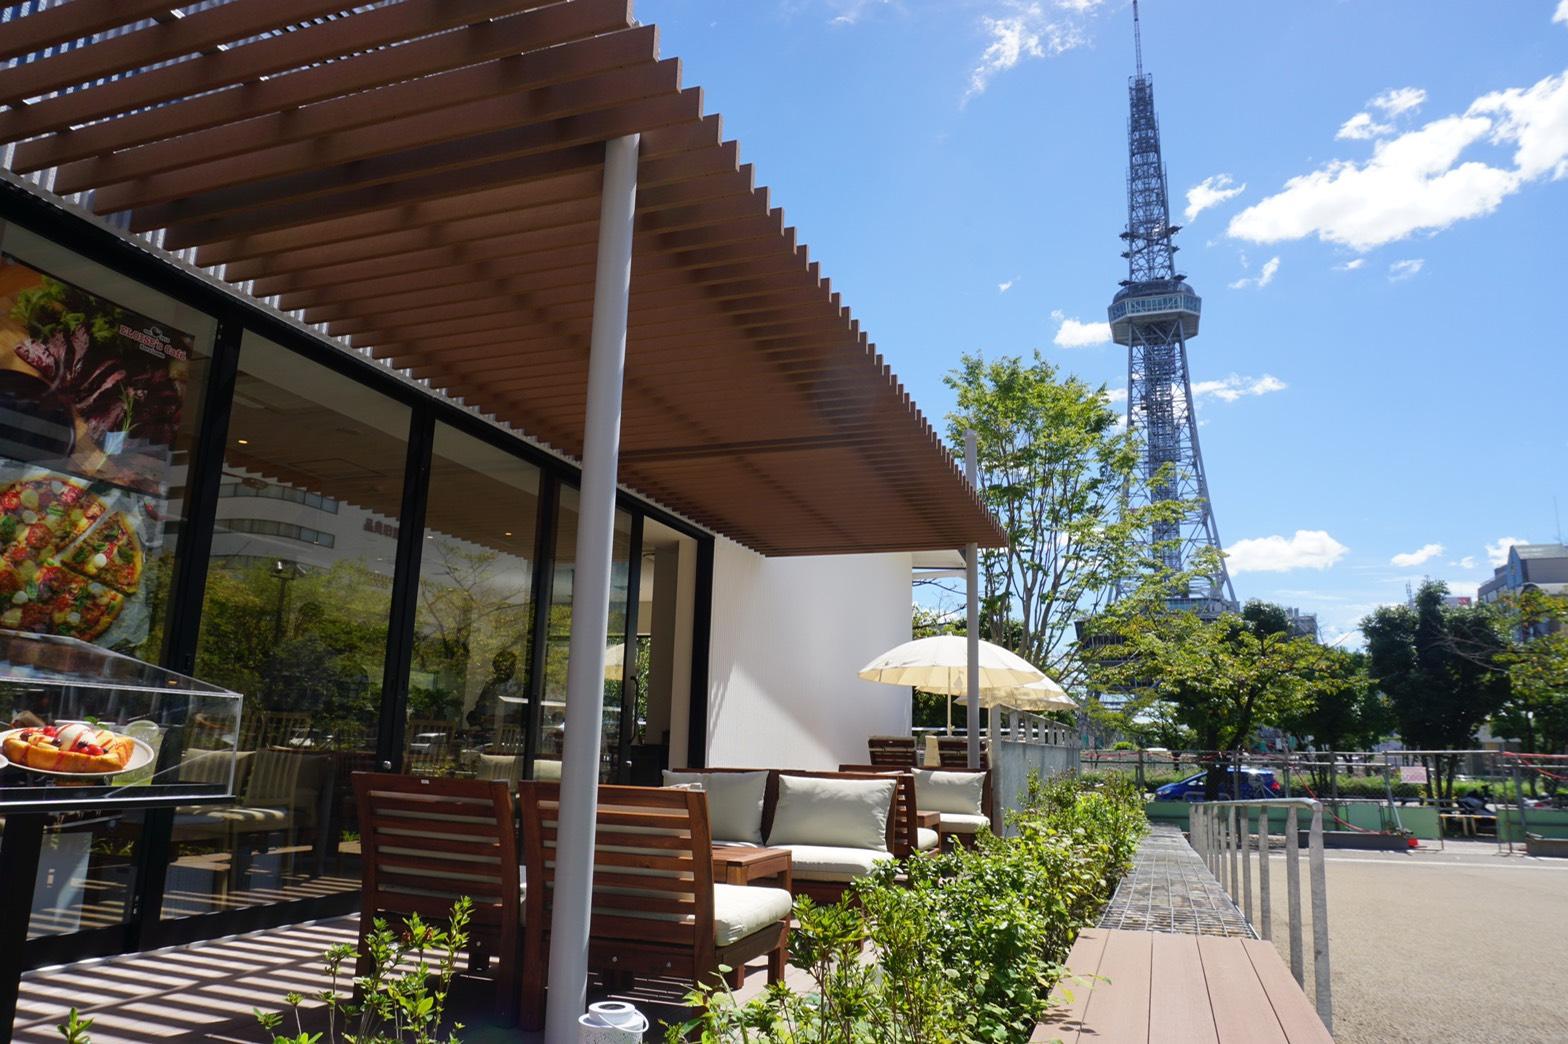 外の景色を眺めながらの食事に心癒されて。久屋大通パークのアーバンリゾートゾーンがついにオープン! - S  7645593INE